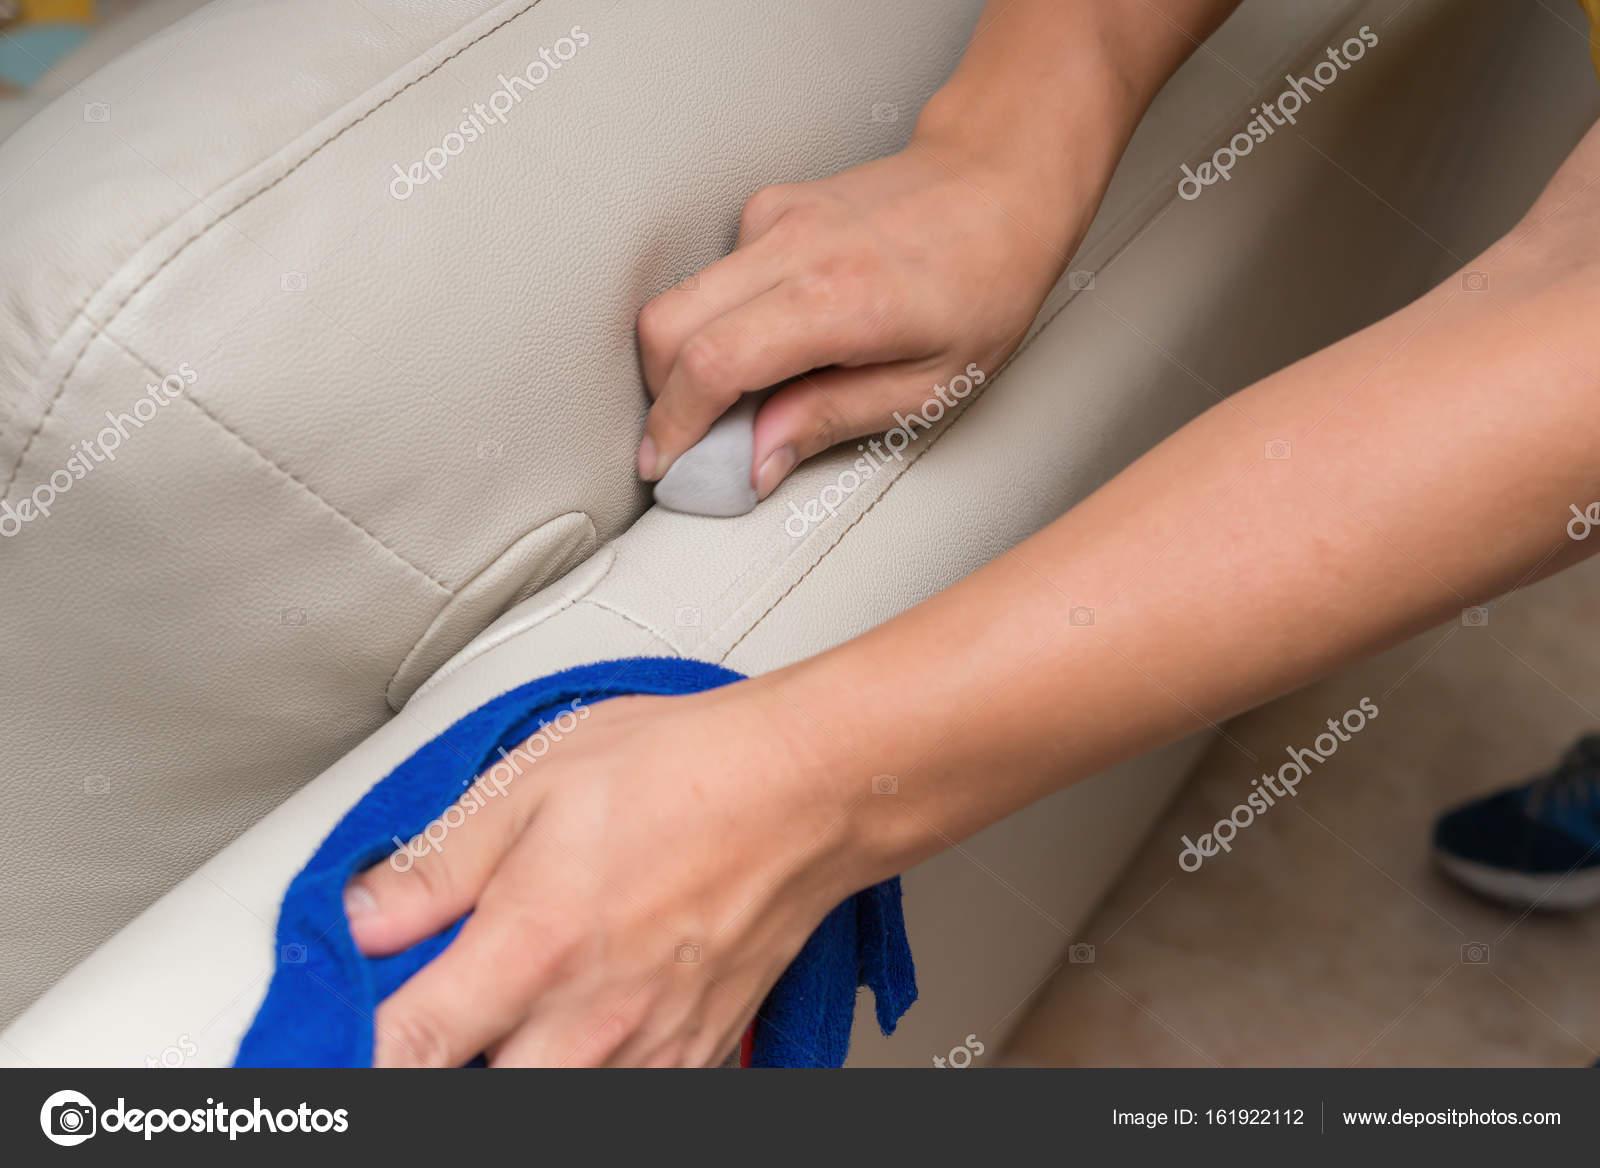 Reinigung Ledersofa Mit Schwamm Und Handtuch Zu Hause Stockfoto